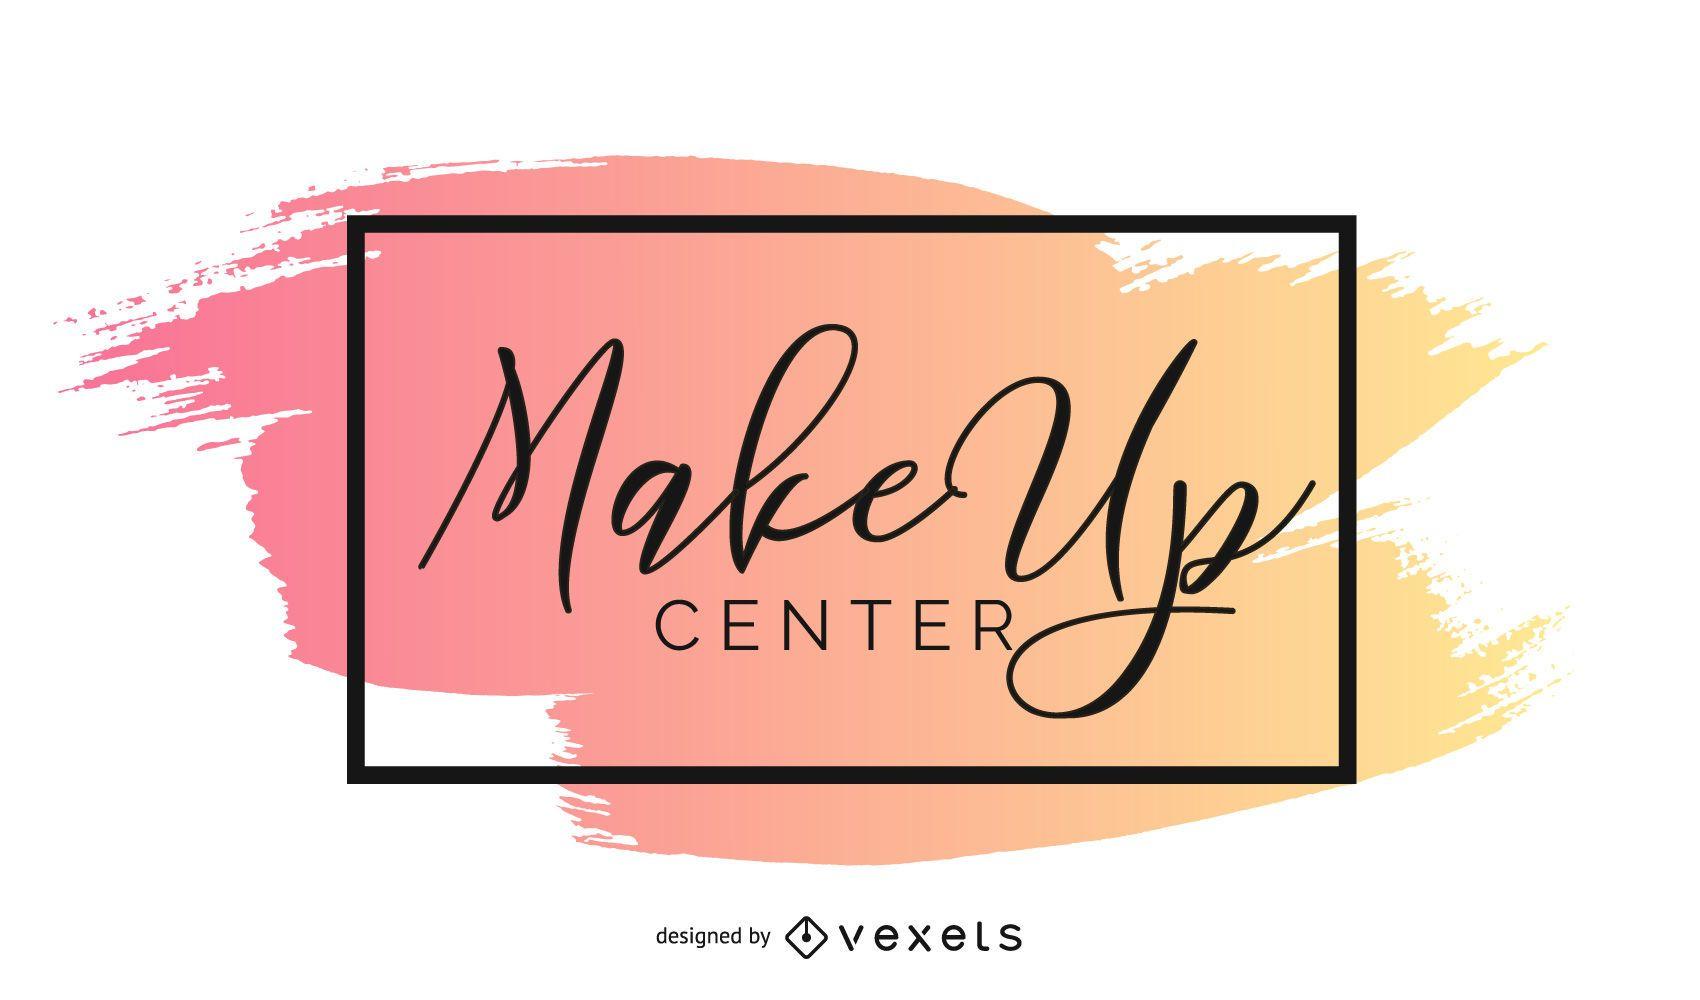 Plantilla de logotipo de maquillaje